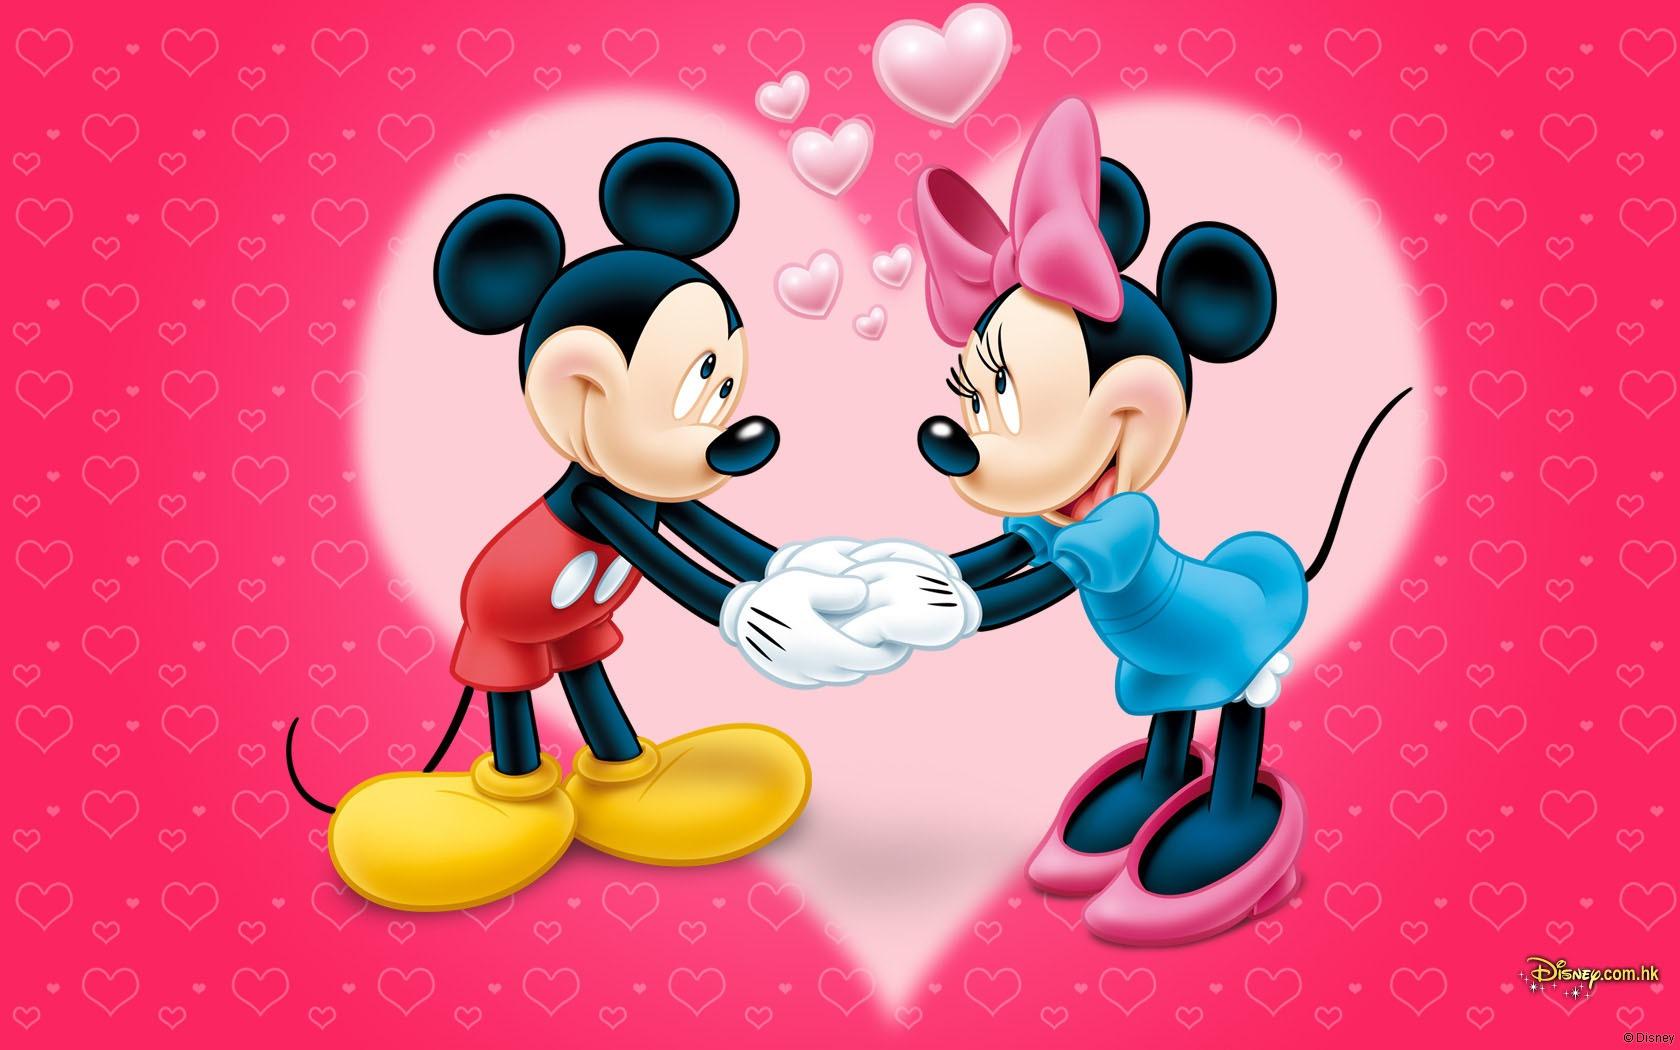 ディズニーアニメミッキーの壁紙 1 13 1680x1050 壁紙ダウンロード ディズニーアニメミッキーの壁紙 1 アニメーション 壁紙 V3の壁紙